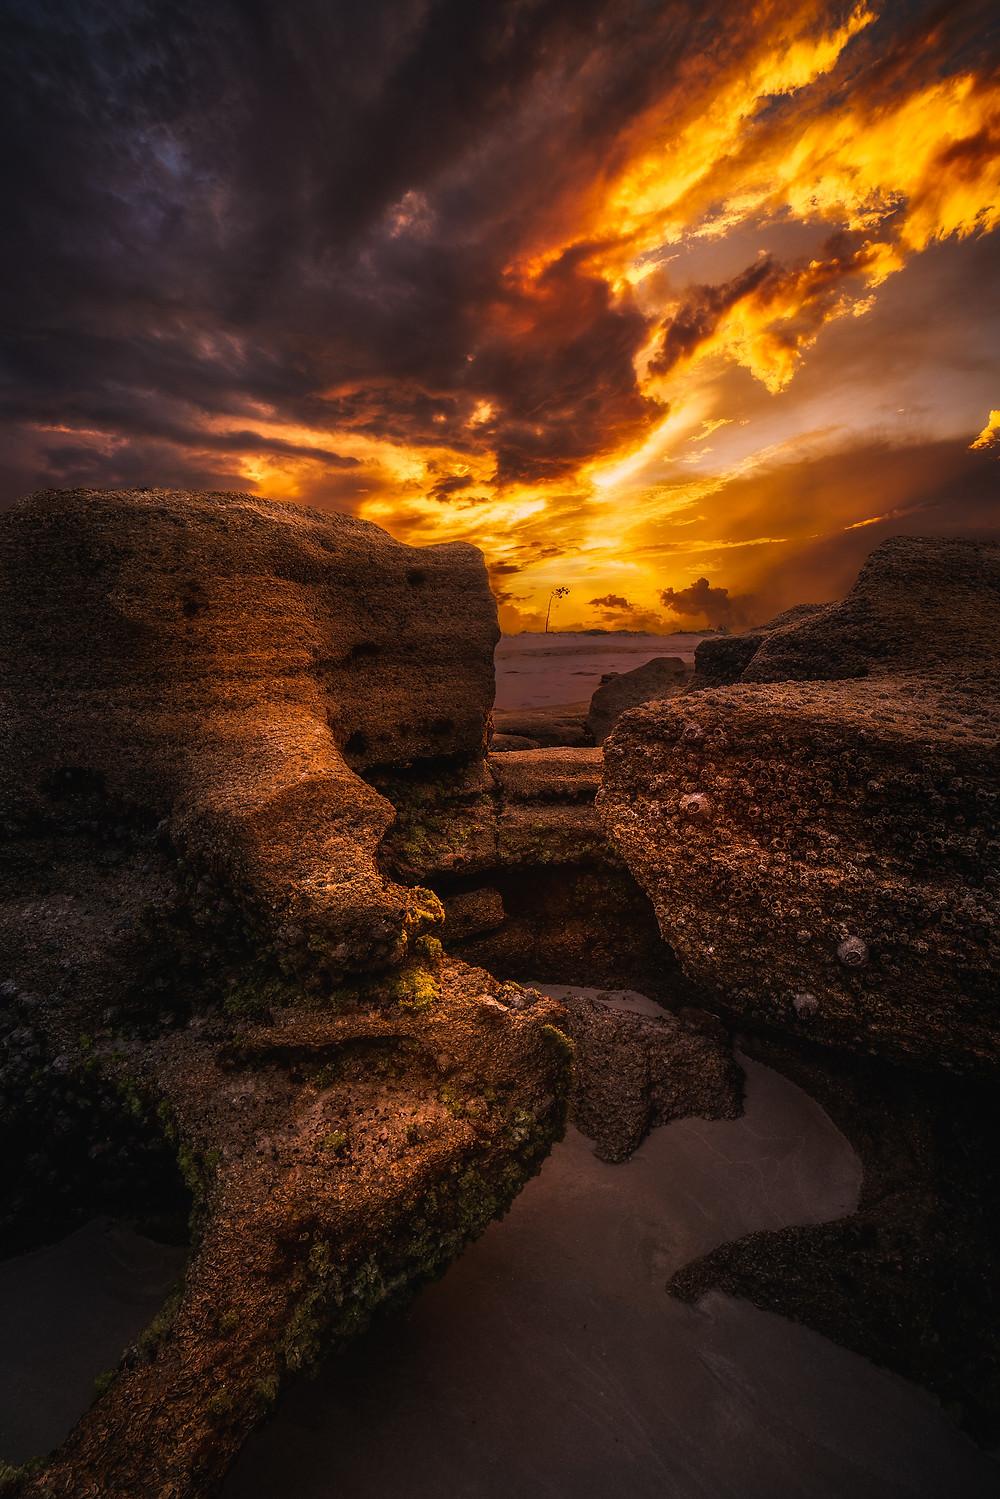 Coquina rock under an amazing irange sunset in Marineland Florida.